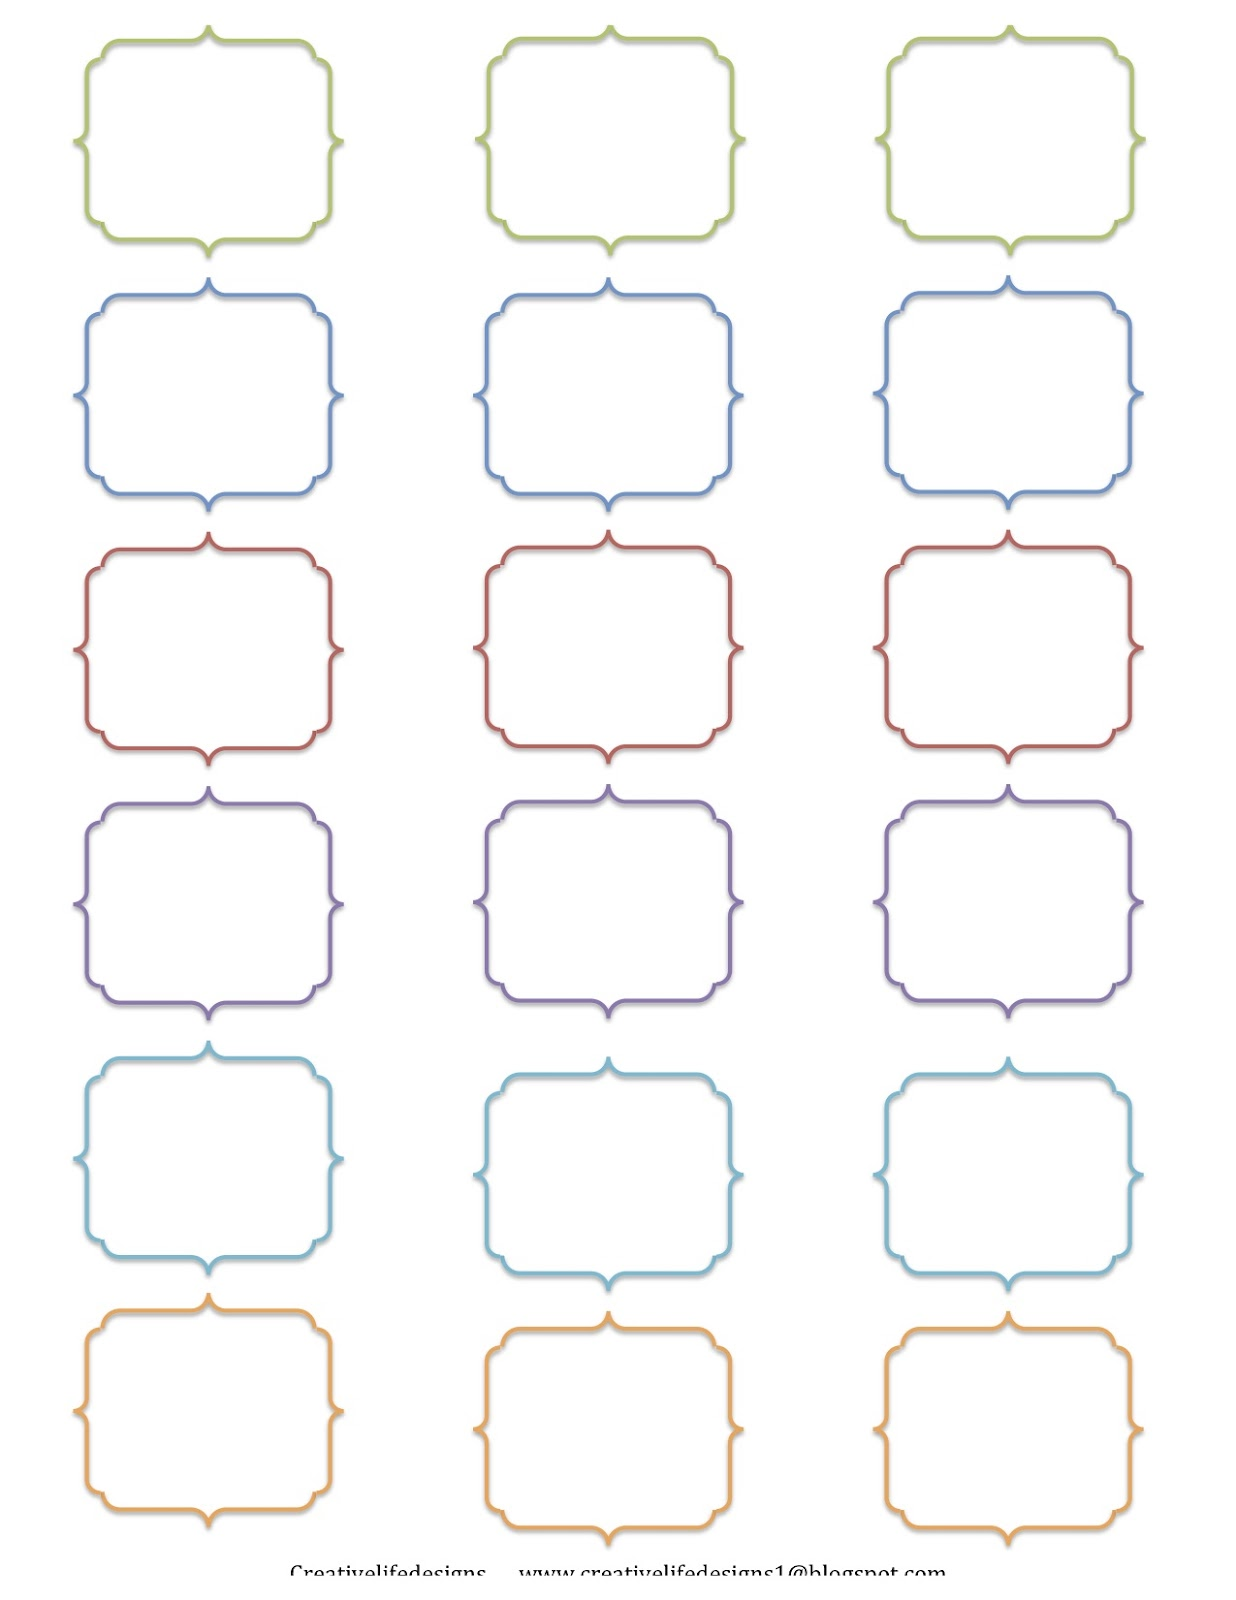 Price tag template free printable blank price tag template free - Price Tag Template Free Printable Blank Price Tag Template Free 58